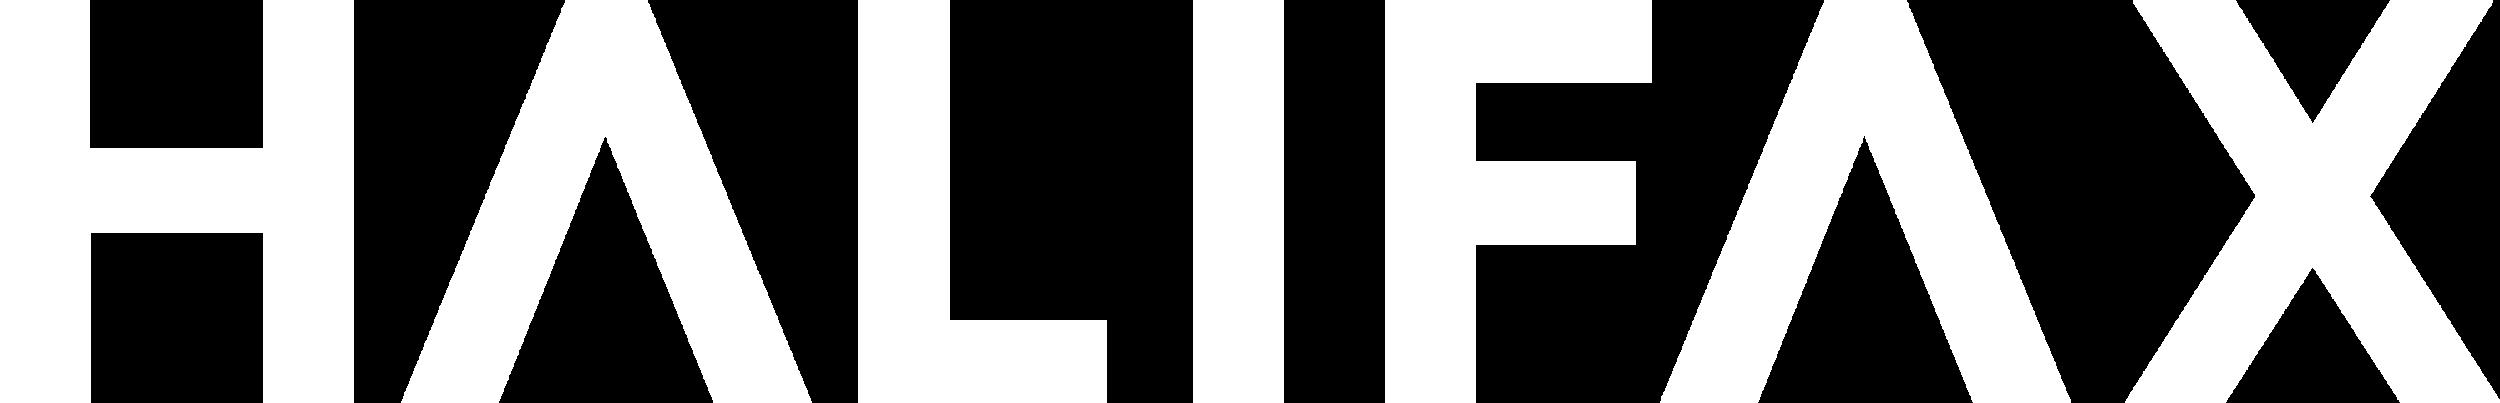 hfx_logo.png